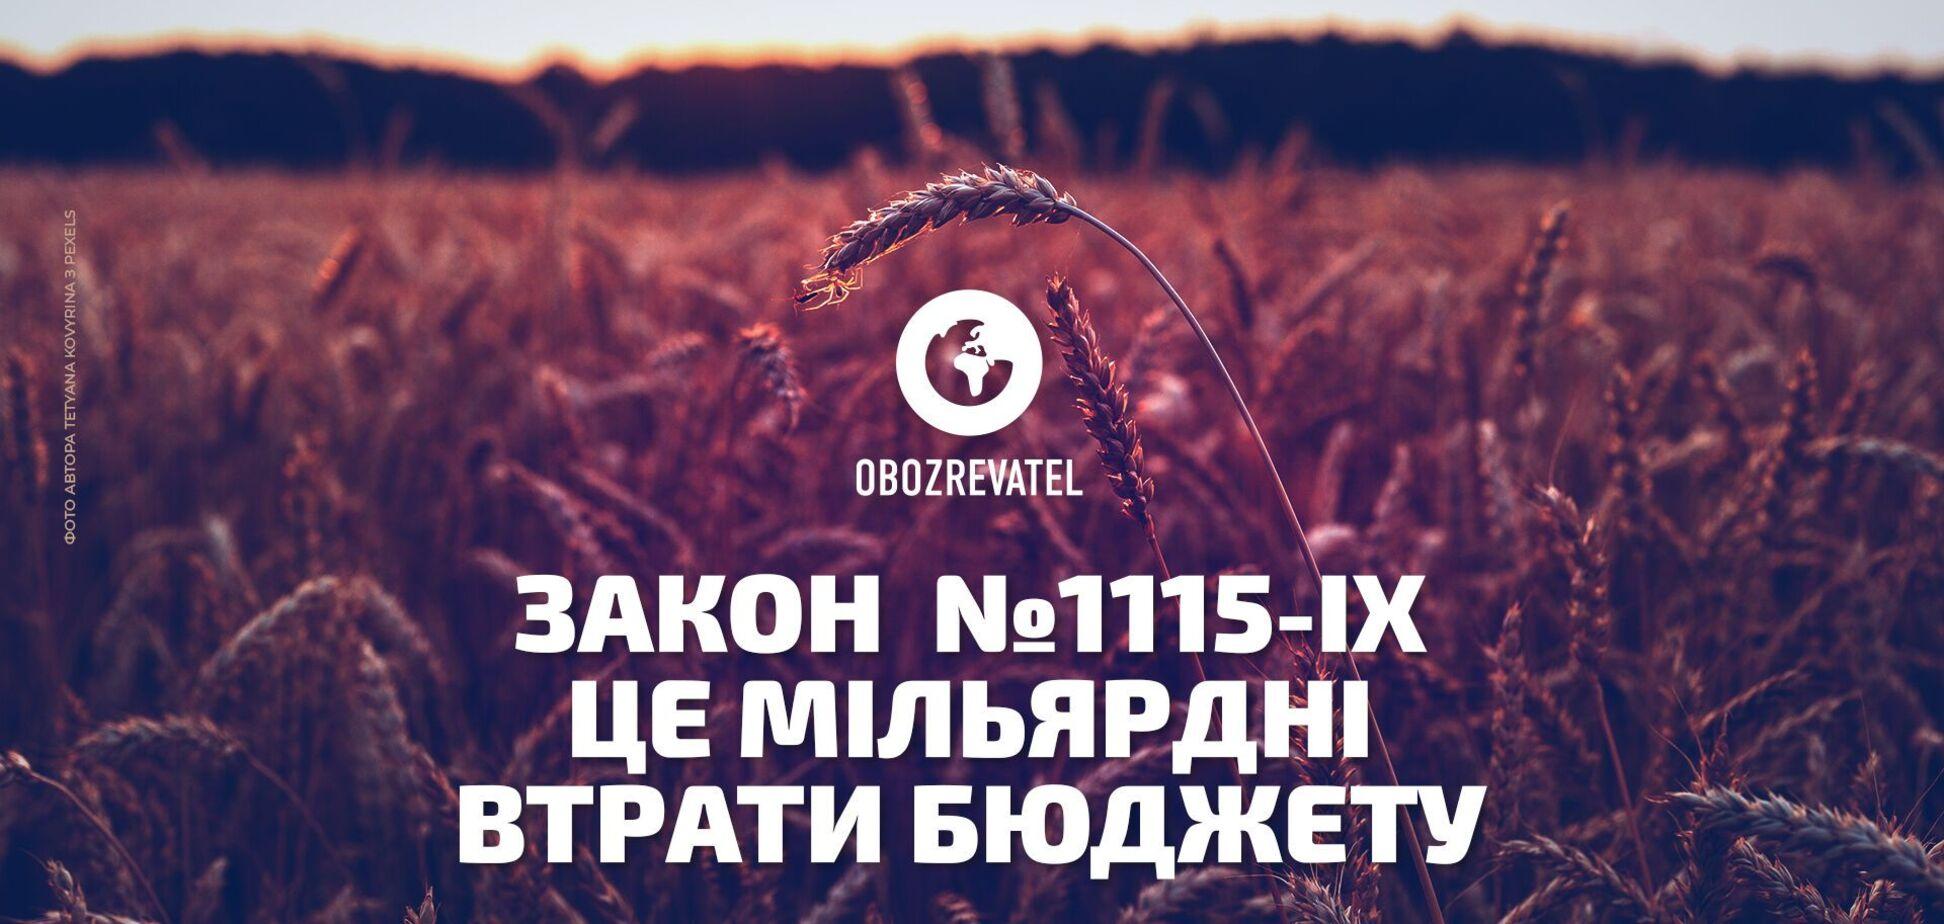 Предприниматели требуют отменить снижение НДС для Веревского